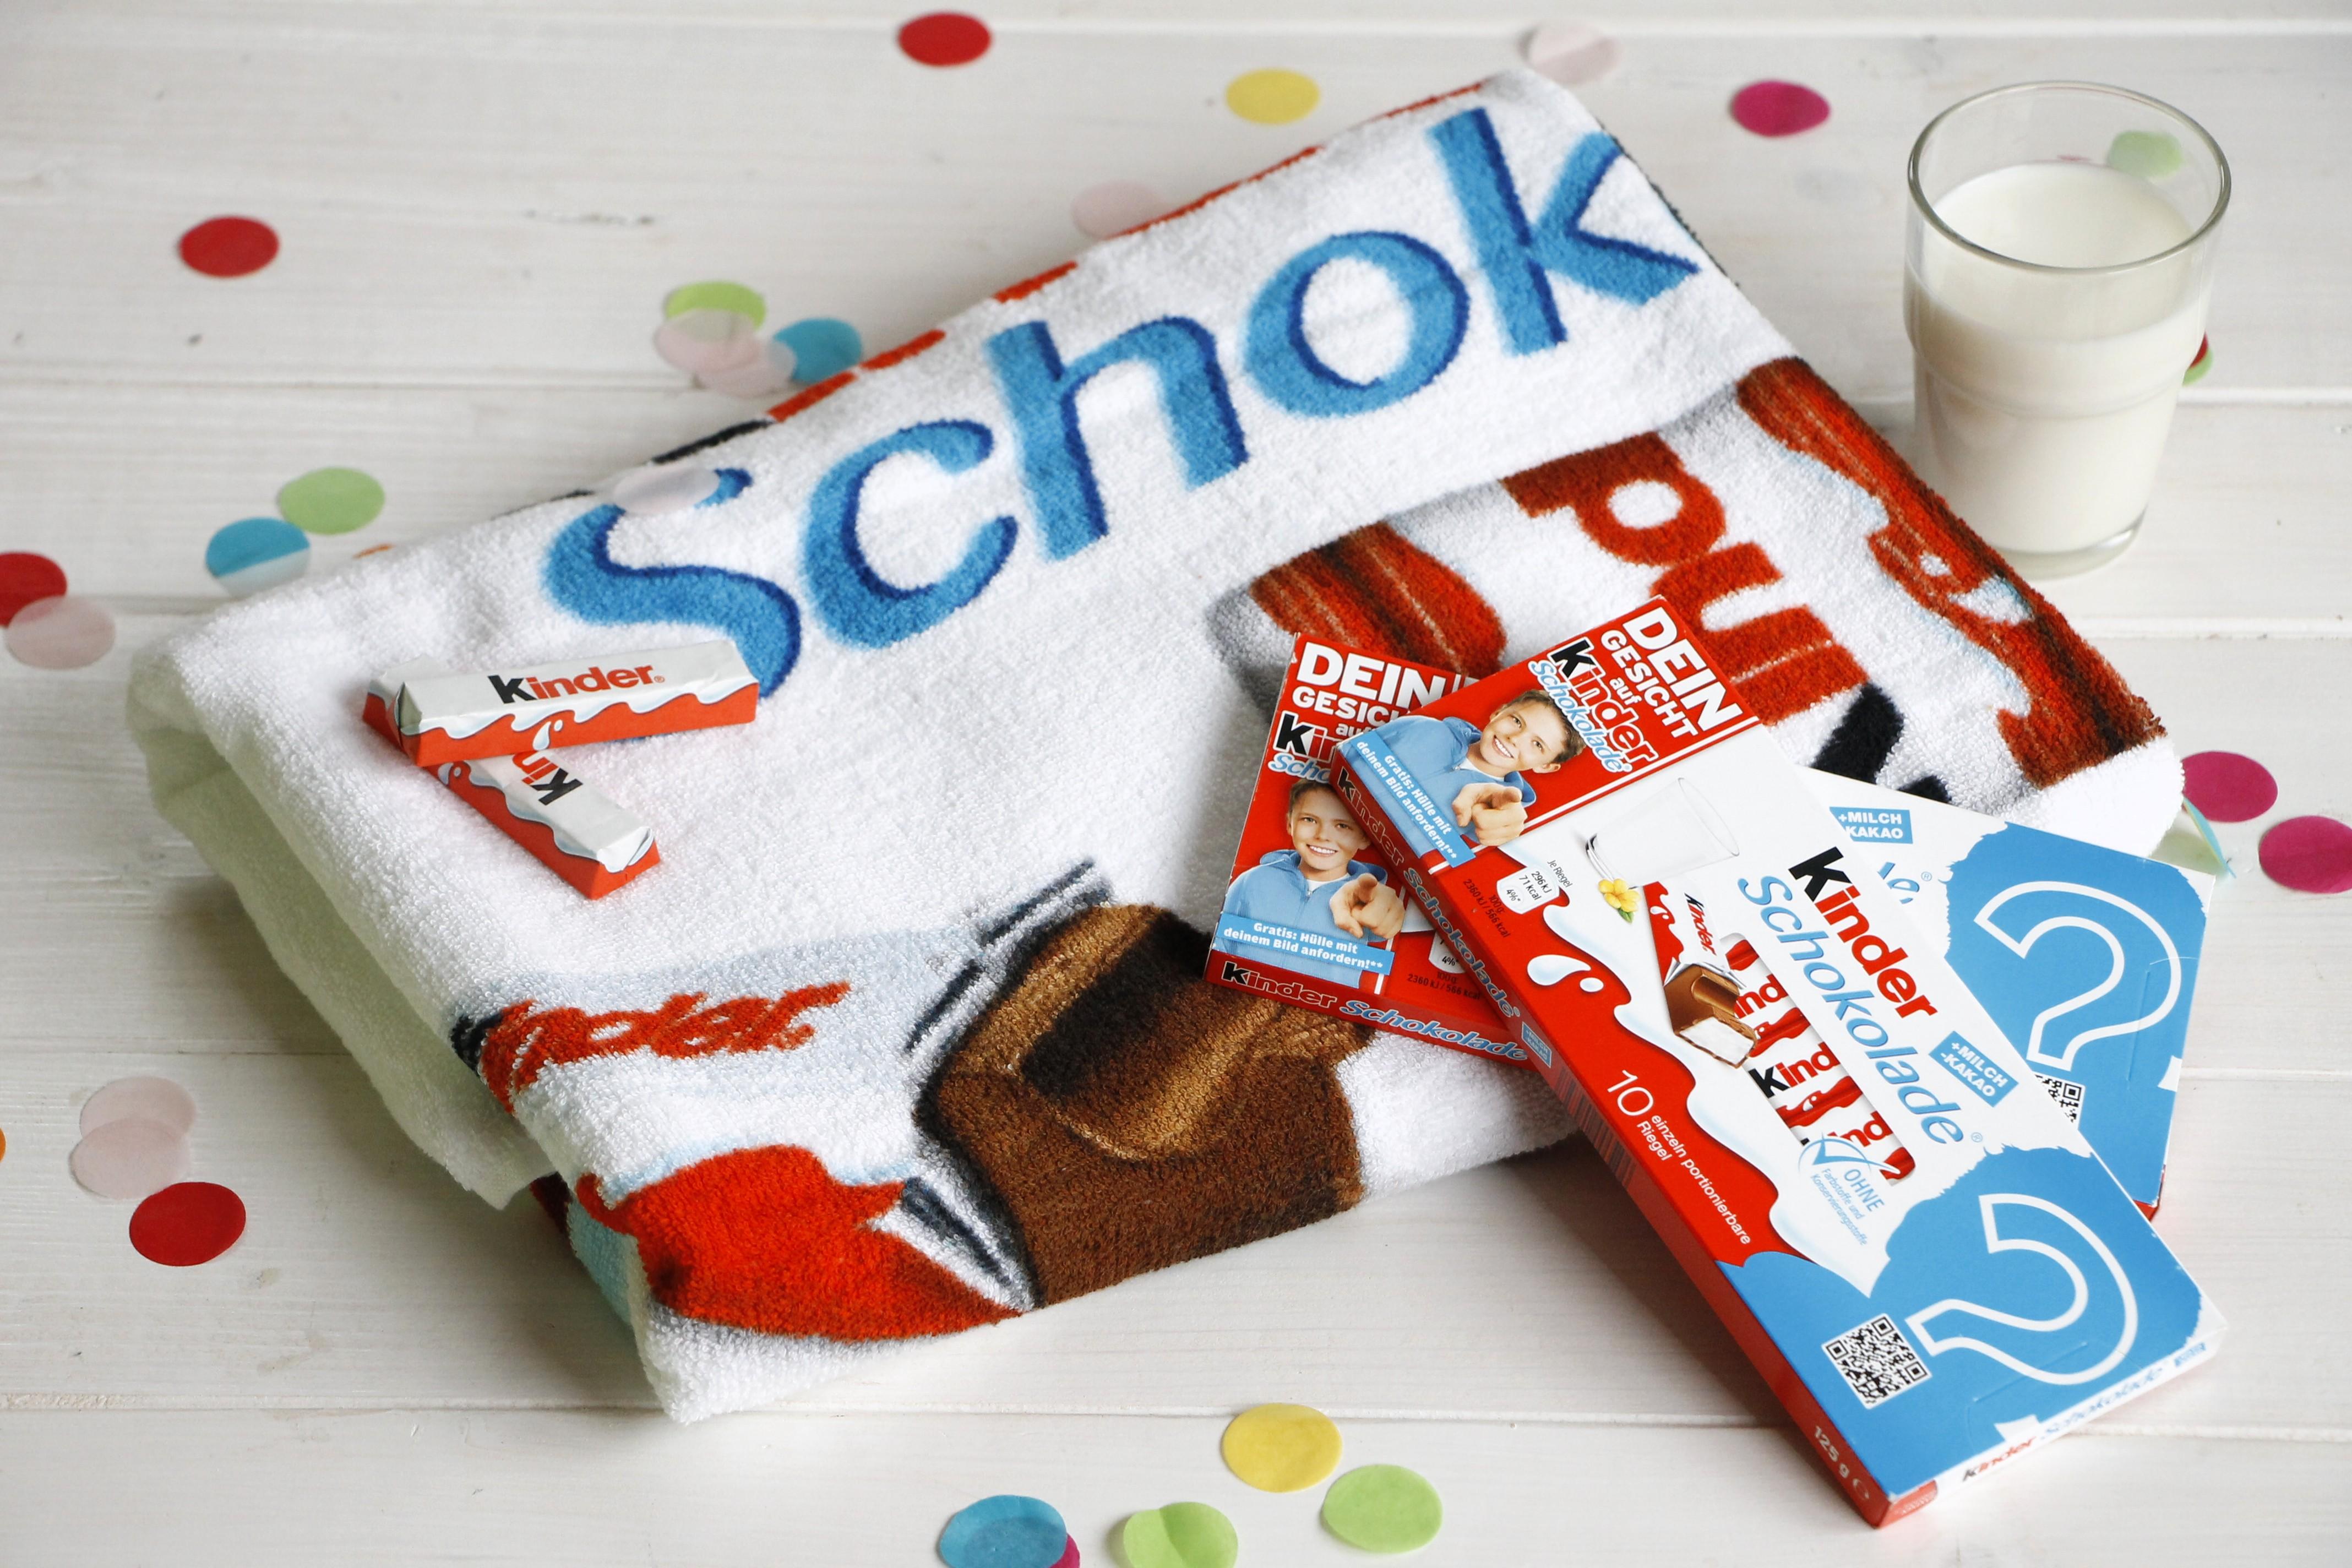 Kinder Schokolade Gewinnspiel Kinder Schokolade Handtuch